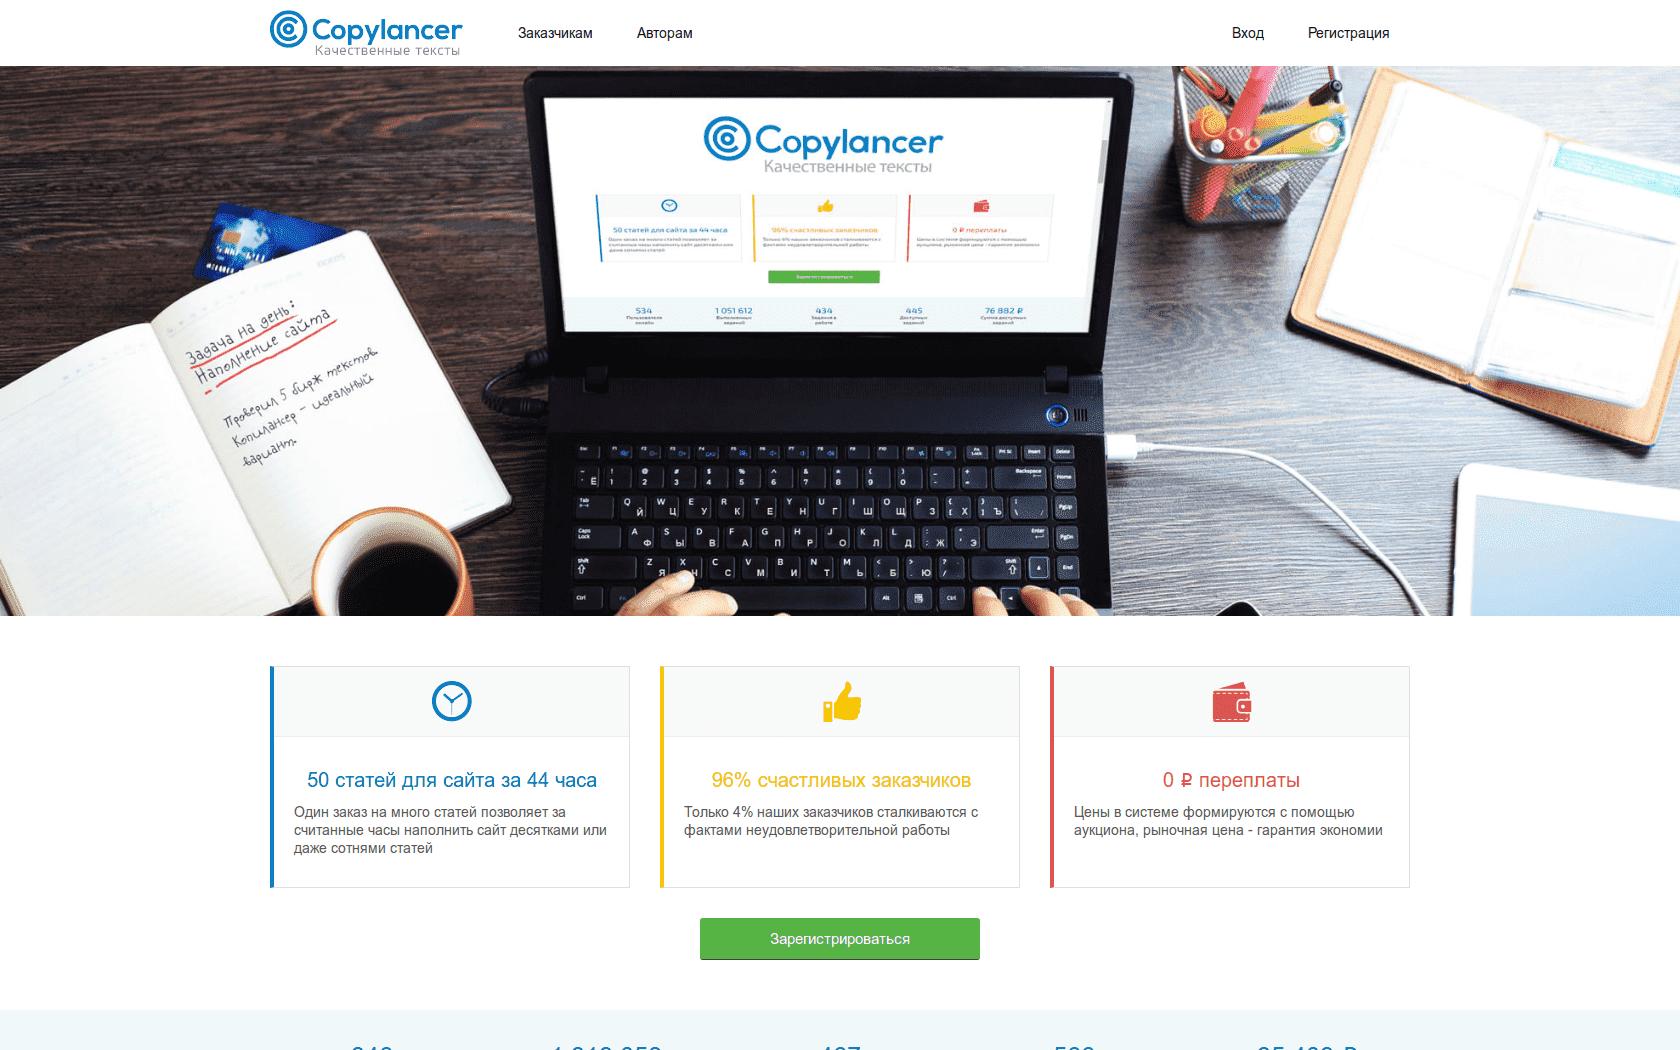 birzha-kopirajtinga-copylancer